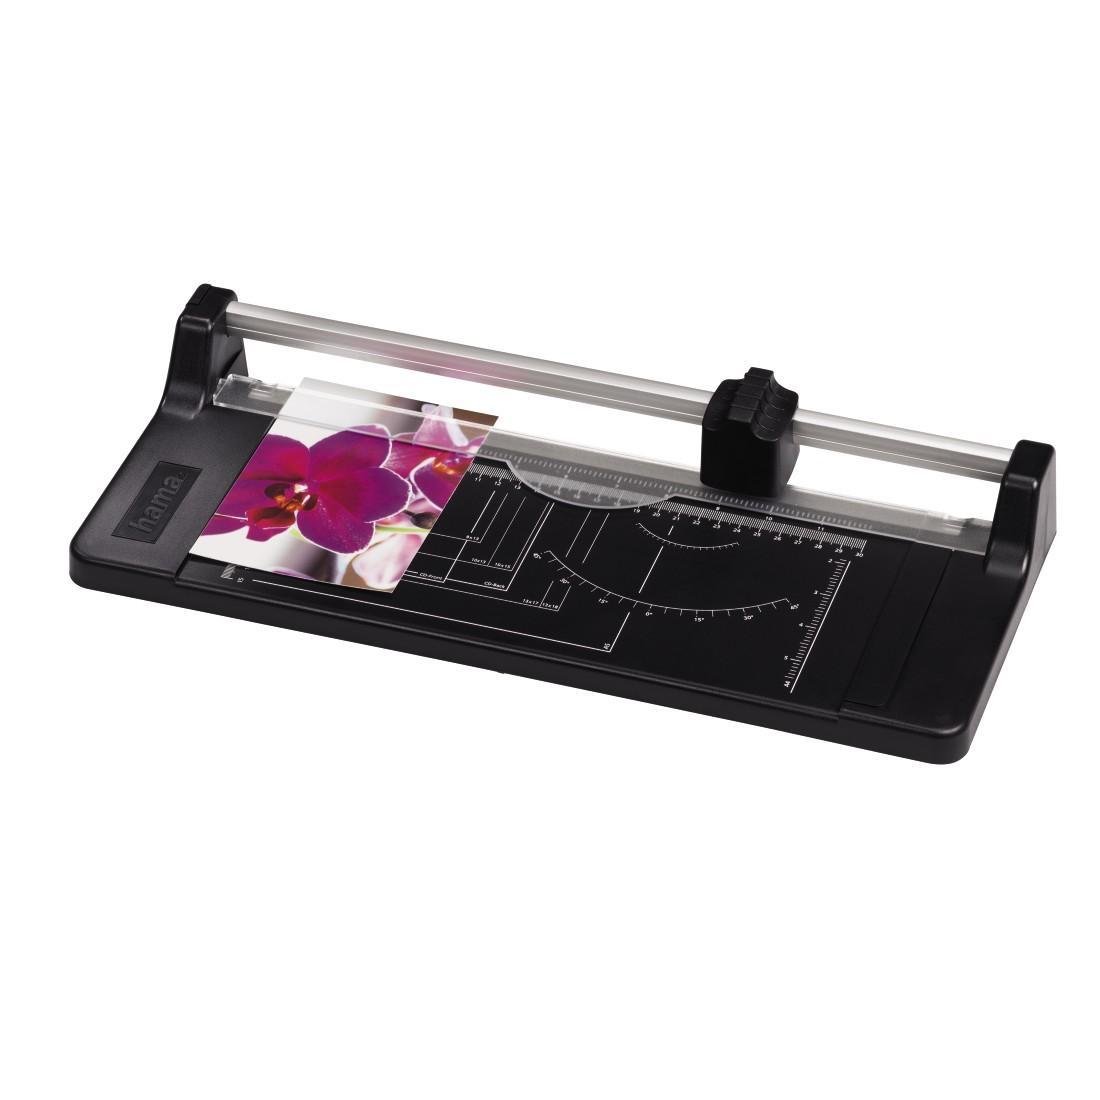 Гилотина за снимки и картон HAMA Easy Cut R 320 08206, 0.5мм, A4/A5/A6